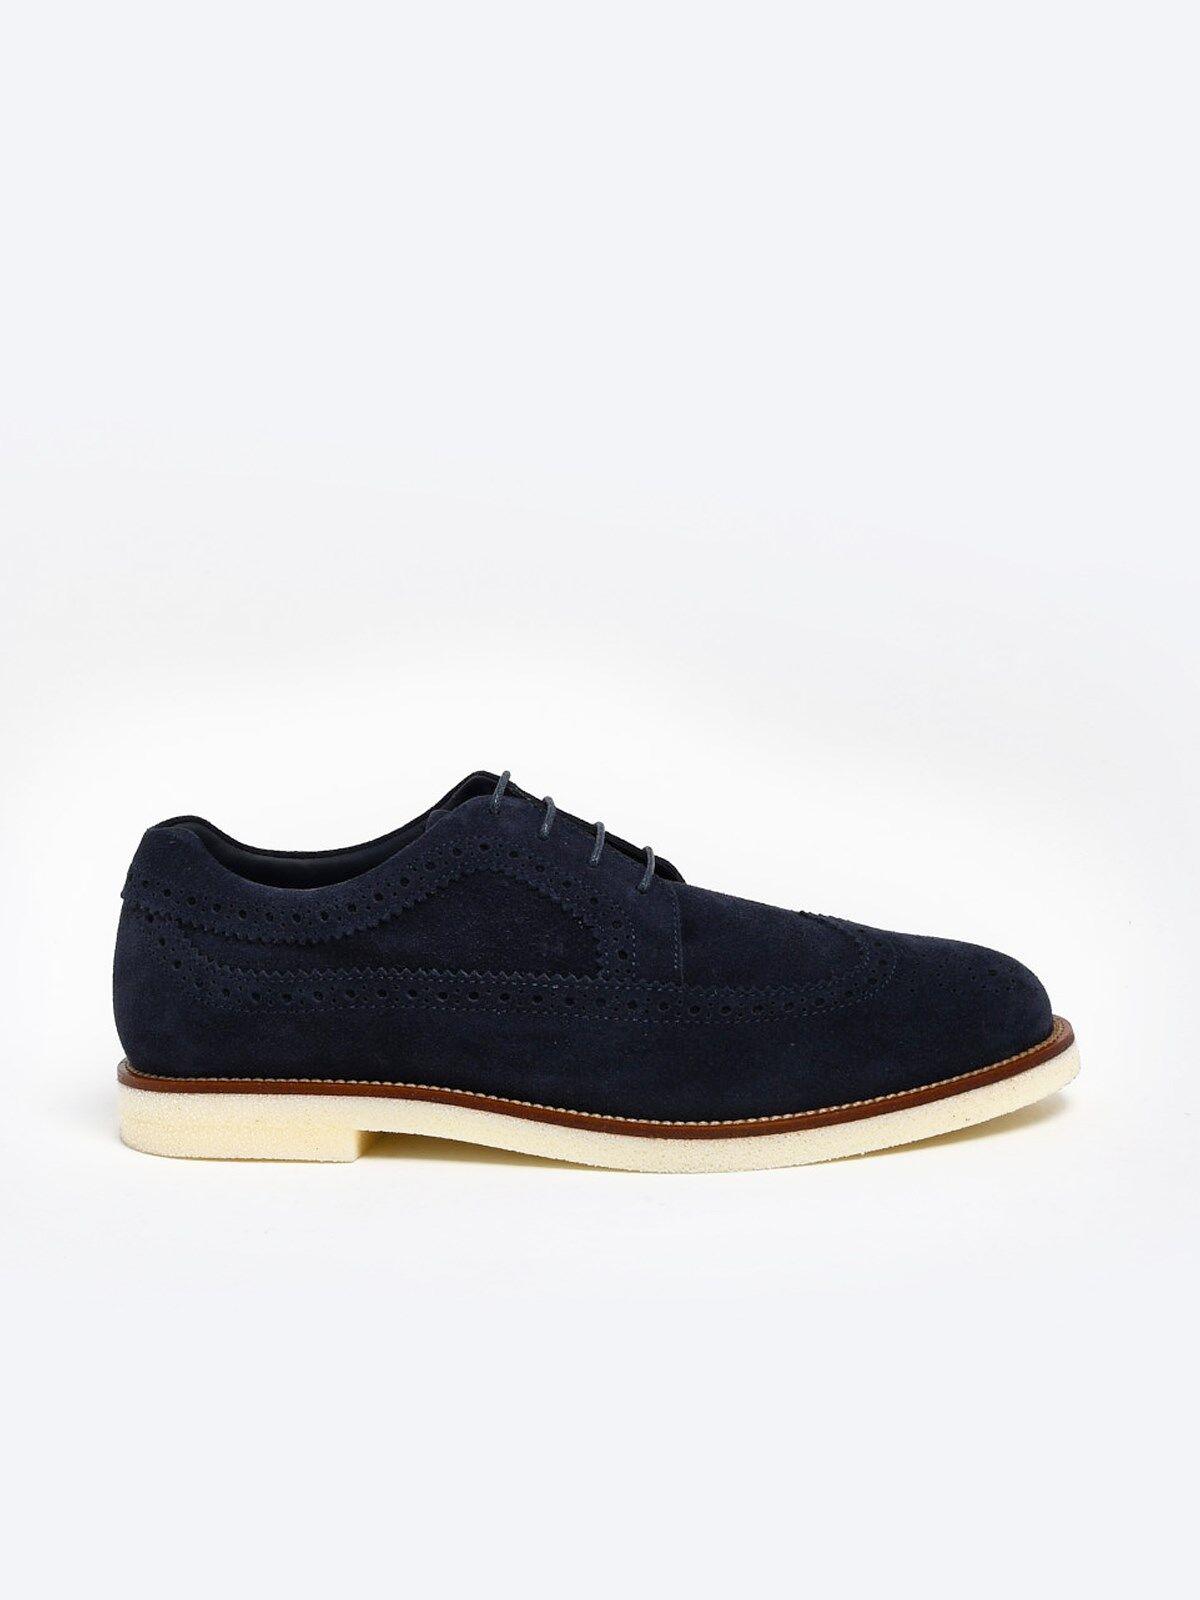 HOGAN Blue Shoes (size: UK 8)